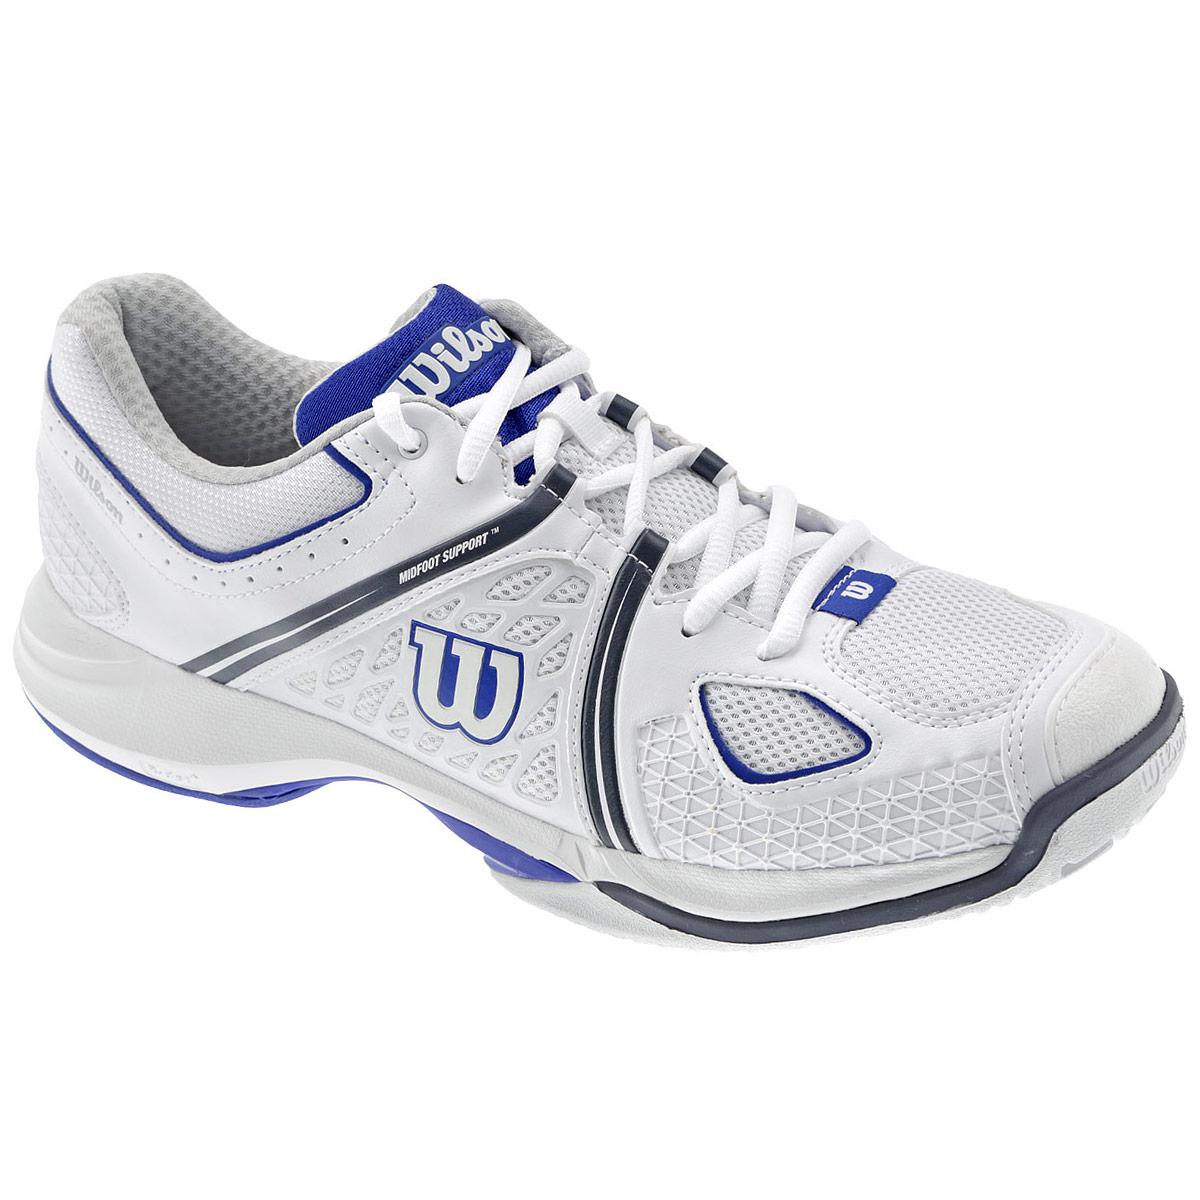 Кроссовки мужские для тенниса Nvision WRS319120